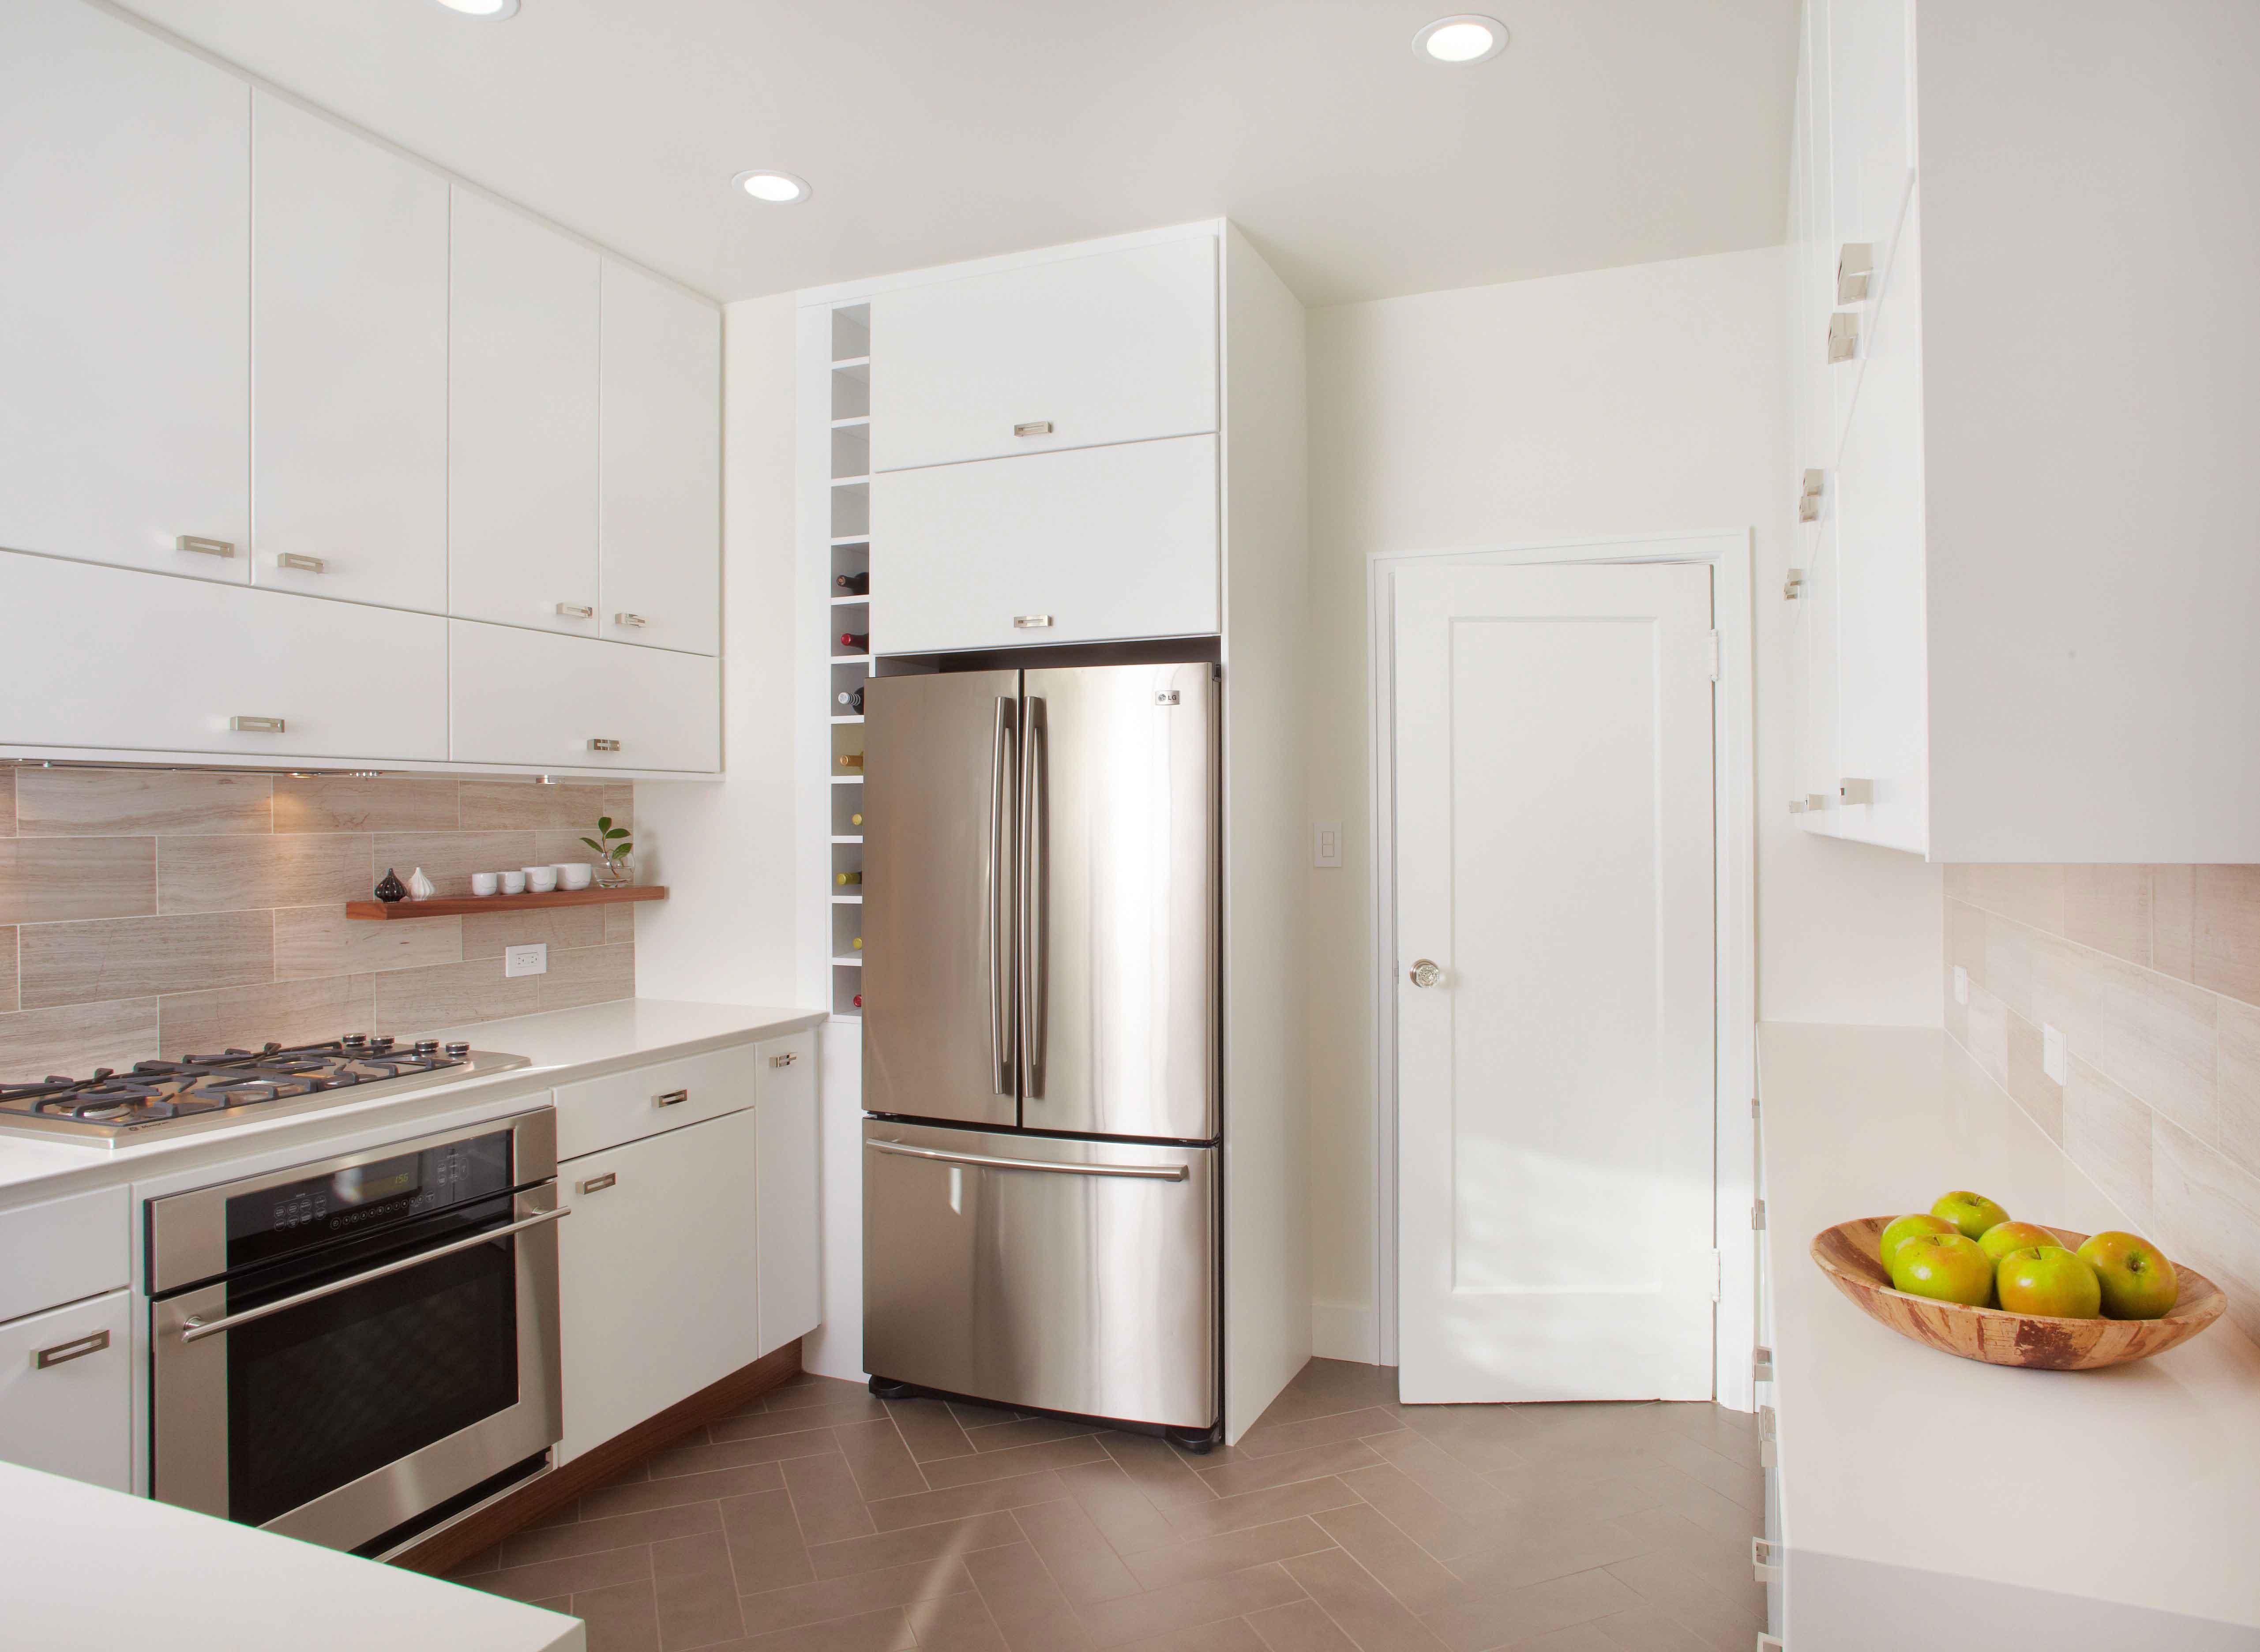 Mutfakların iç mekanları. Öz-tasarım için birkaç ipucu 21